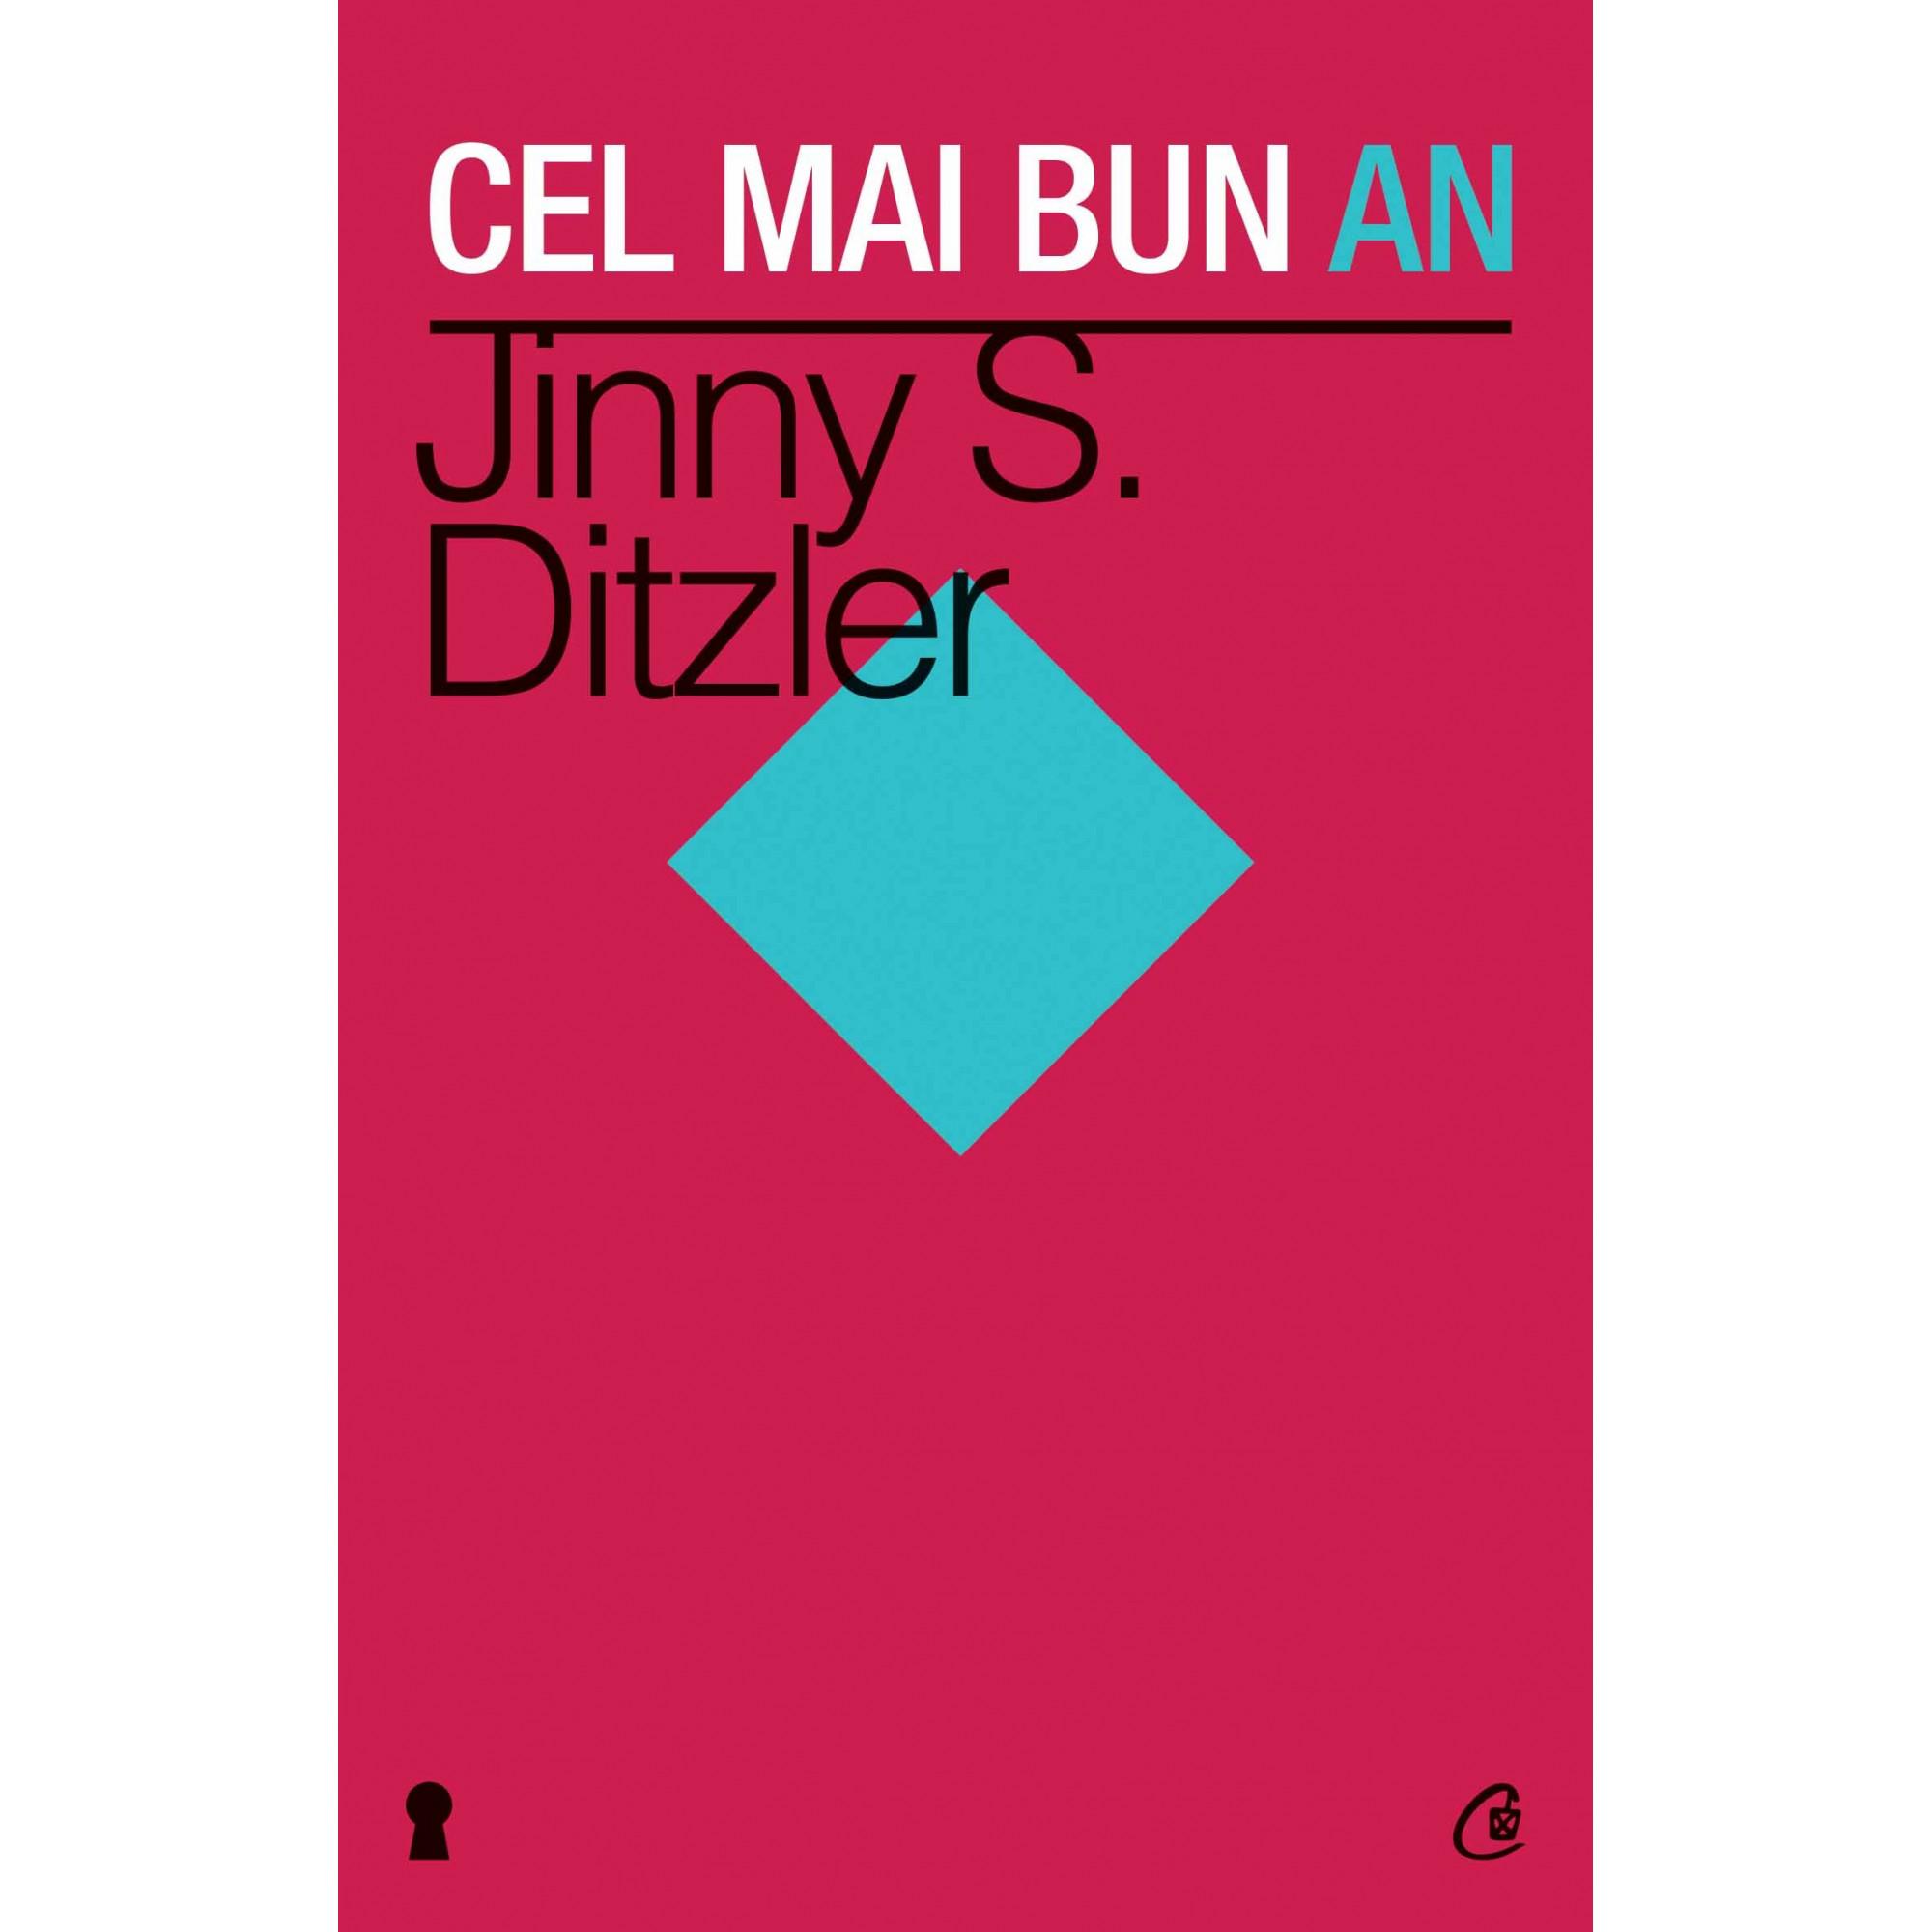 Cel mai bun an. Ediţia a II-a. 10 întrebări care vă vor aduce succesul în următoarele 12 luni; Jinny S. Ditzler